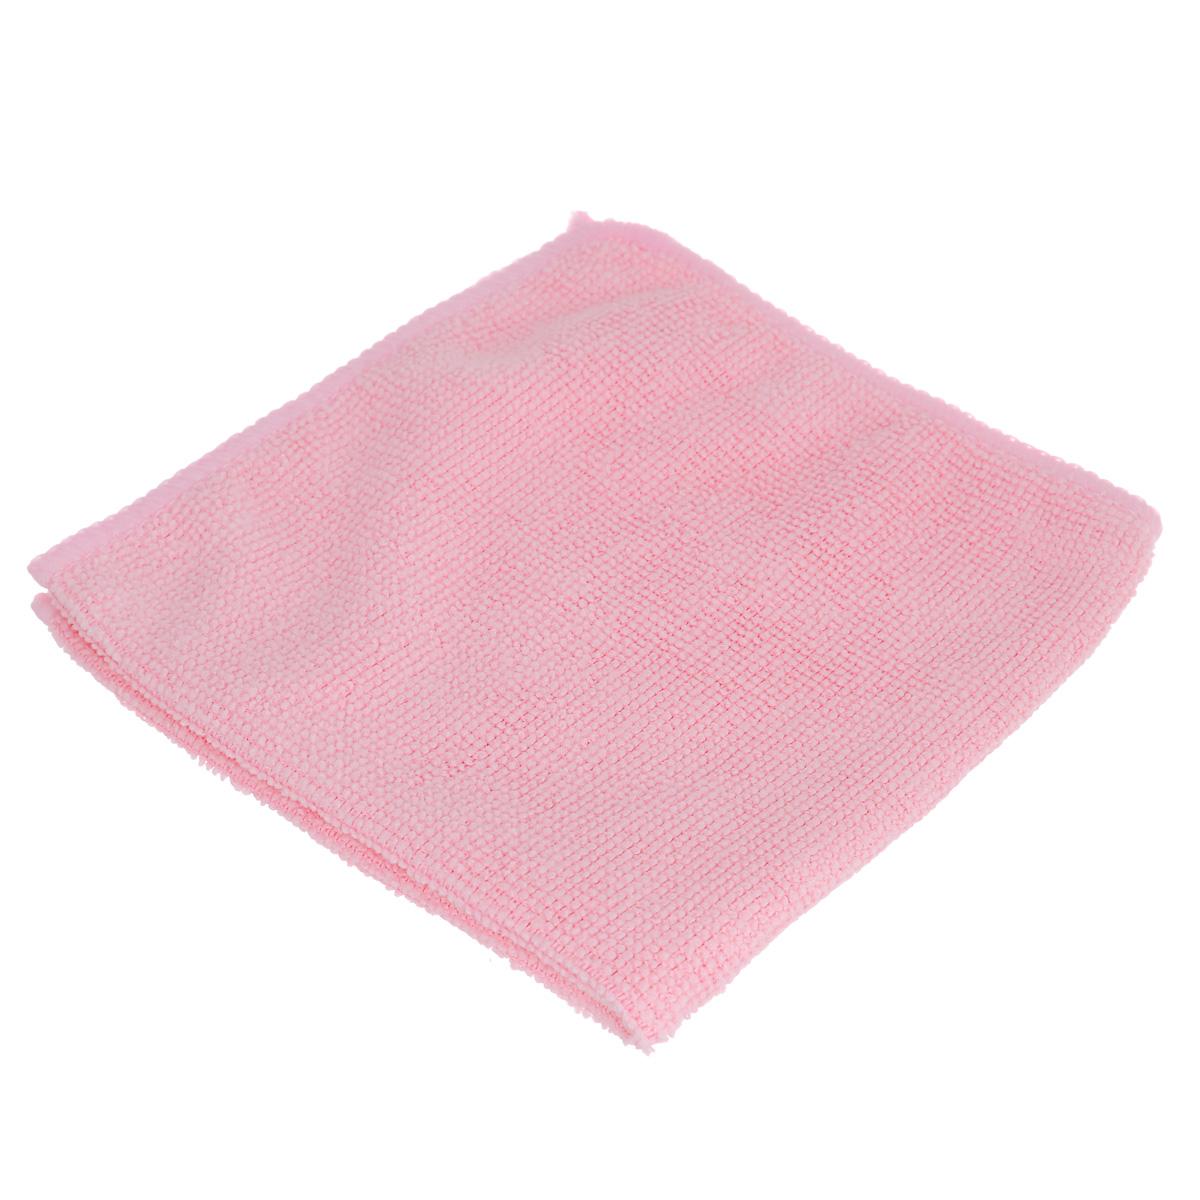 Салфетка из микрофибры Home Queen, цвет: розовый, 30 х 30 см50308Салфетка Home Queen, изготовленная из полиамида и полиэфира, предназначена для очищения загрязнений на любых поверхностях. Изделие обладает высокой износоустойчивостью и рассчитано на многократное использование, легко моется в теплой воде с мягкими чистящими средствами. Супервпитывающая салфетка не оставляет разводов и ворсинок, удаляет большинство жирных и маслянистых загрязнений без использования химических средств. Размер салфетки: 30 см х 30 см. Материал: 30% полиамид, 70% полиэфир.